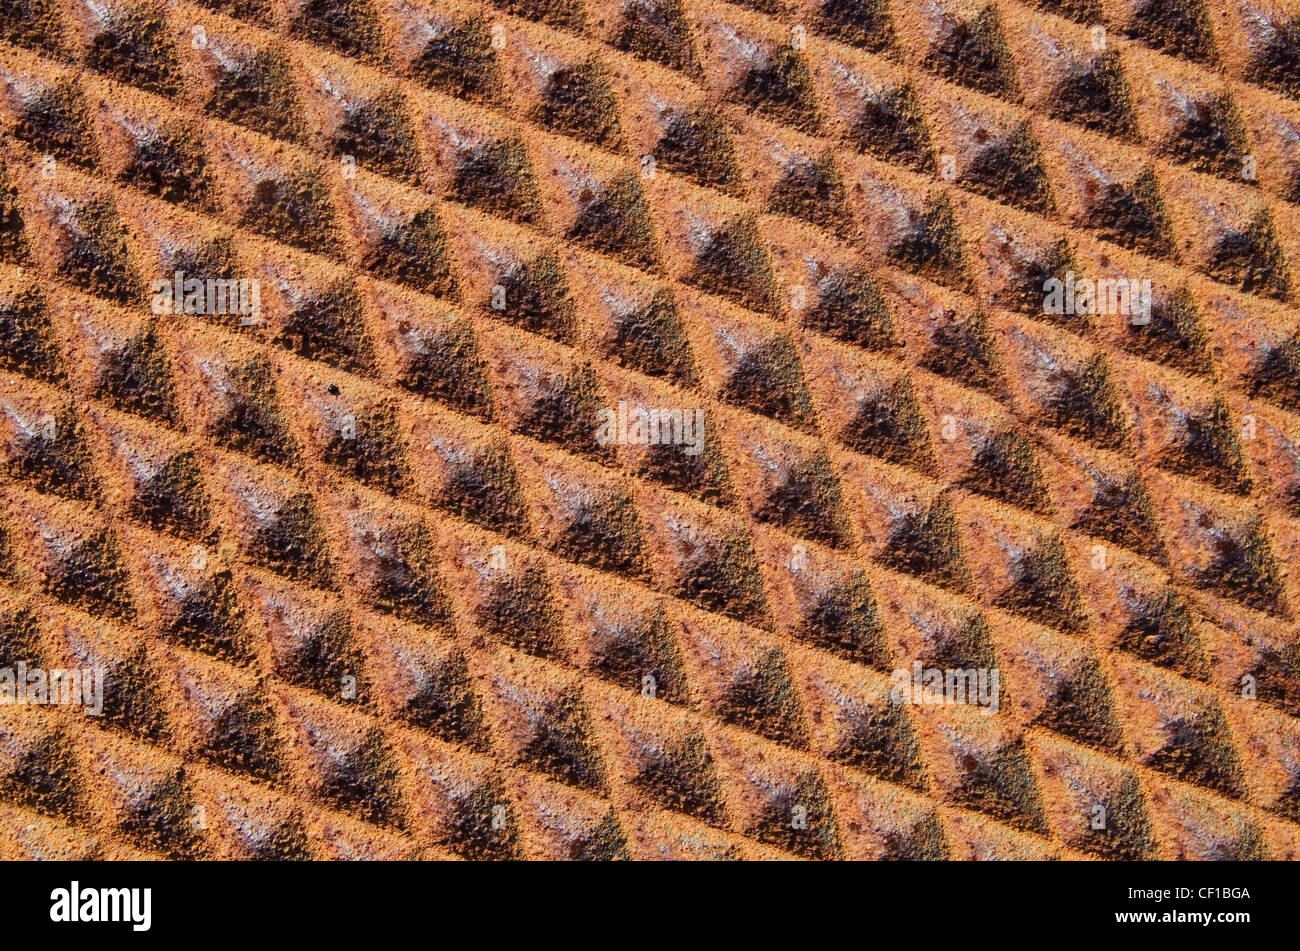 Hintergrund von rostigen Eisen mit Rautenmuster Textur Stockbild